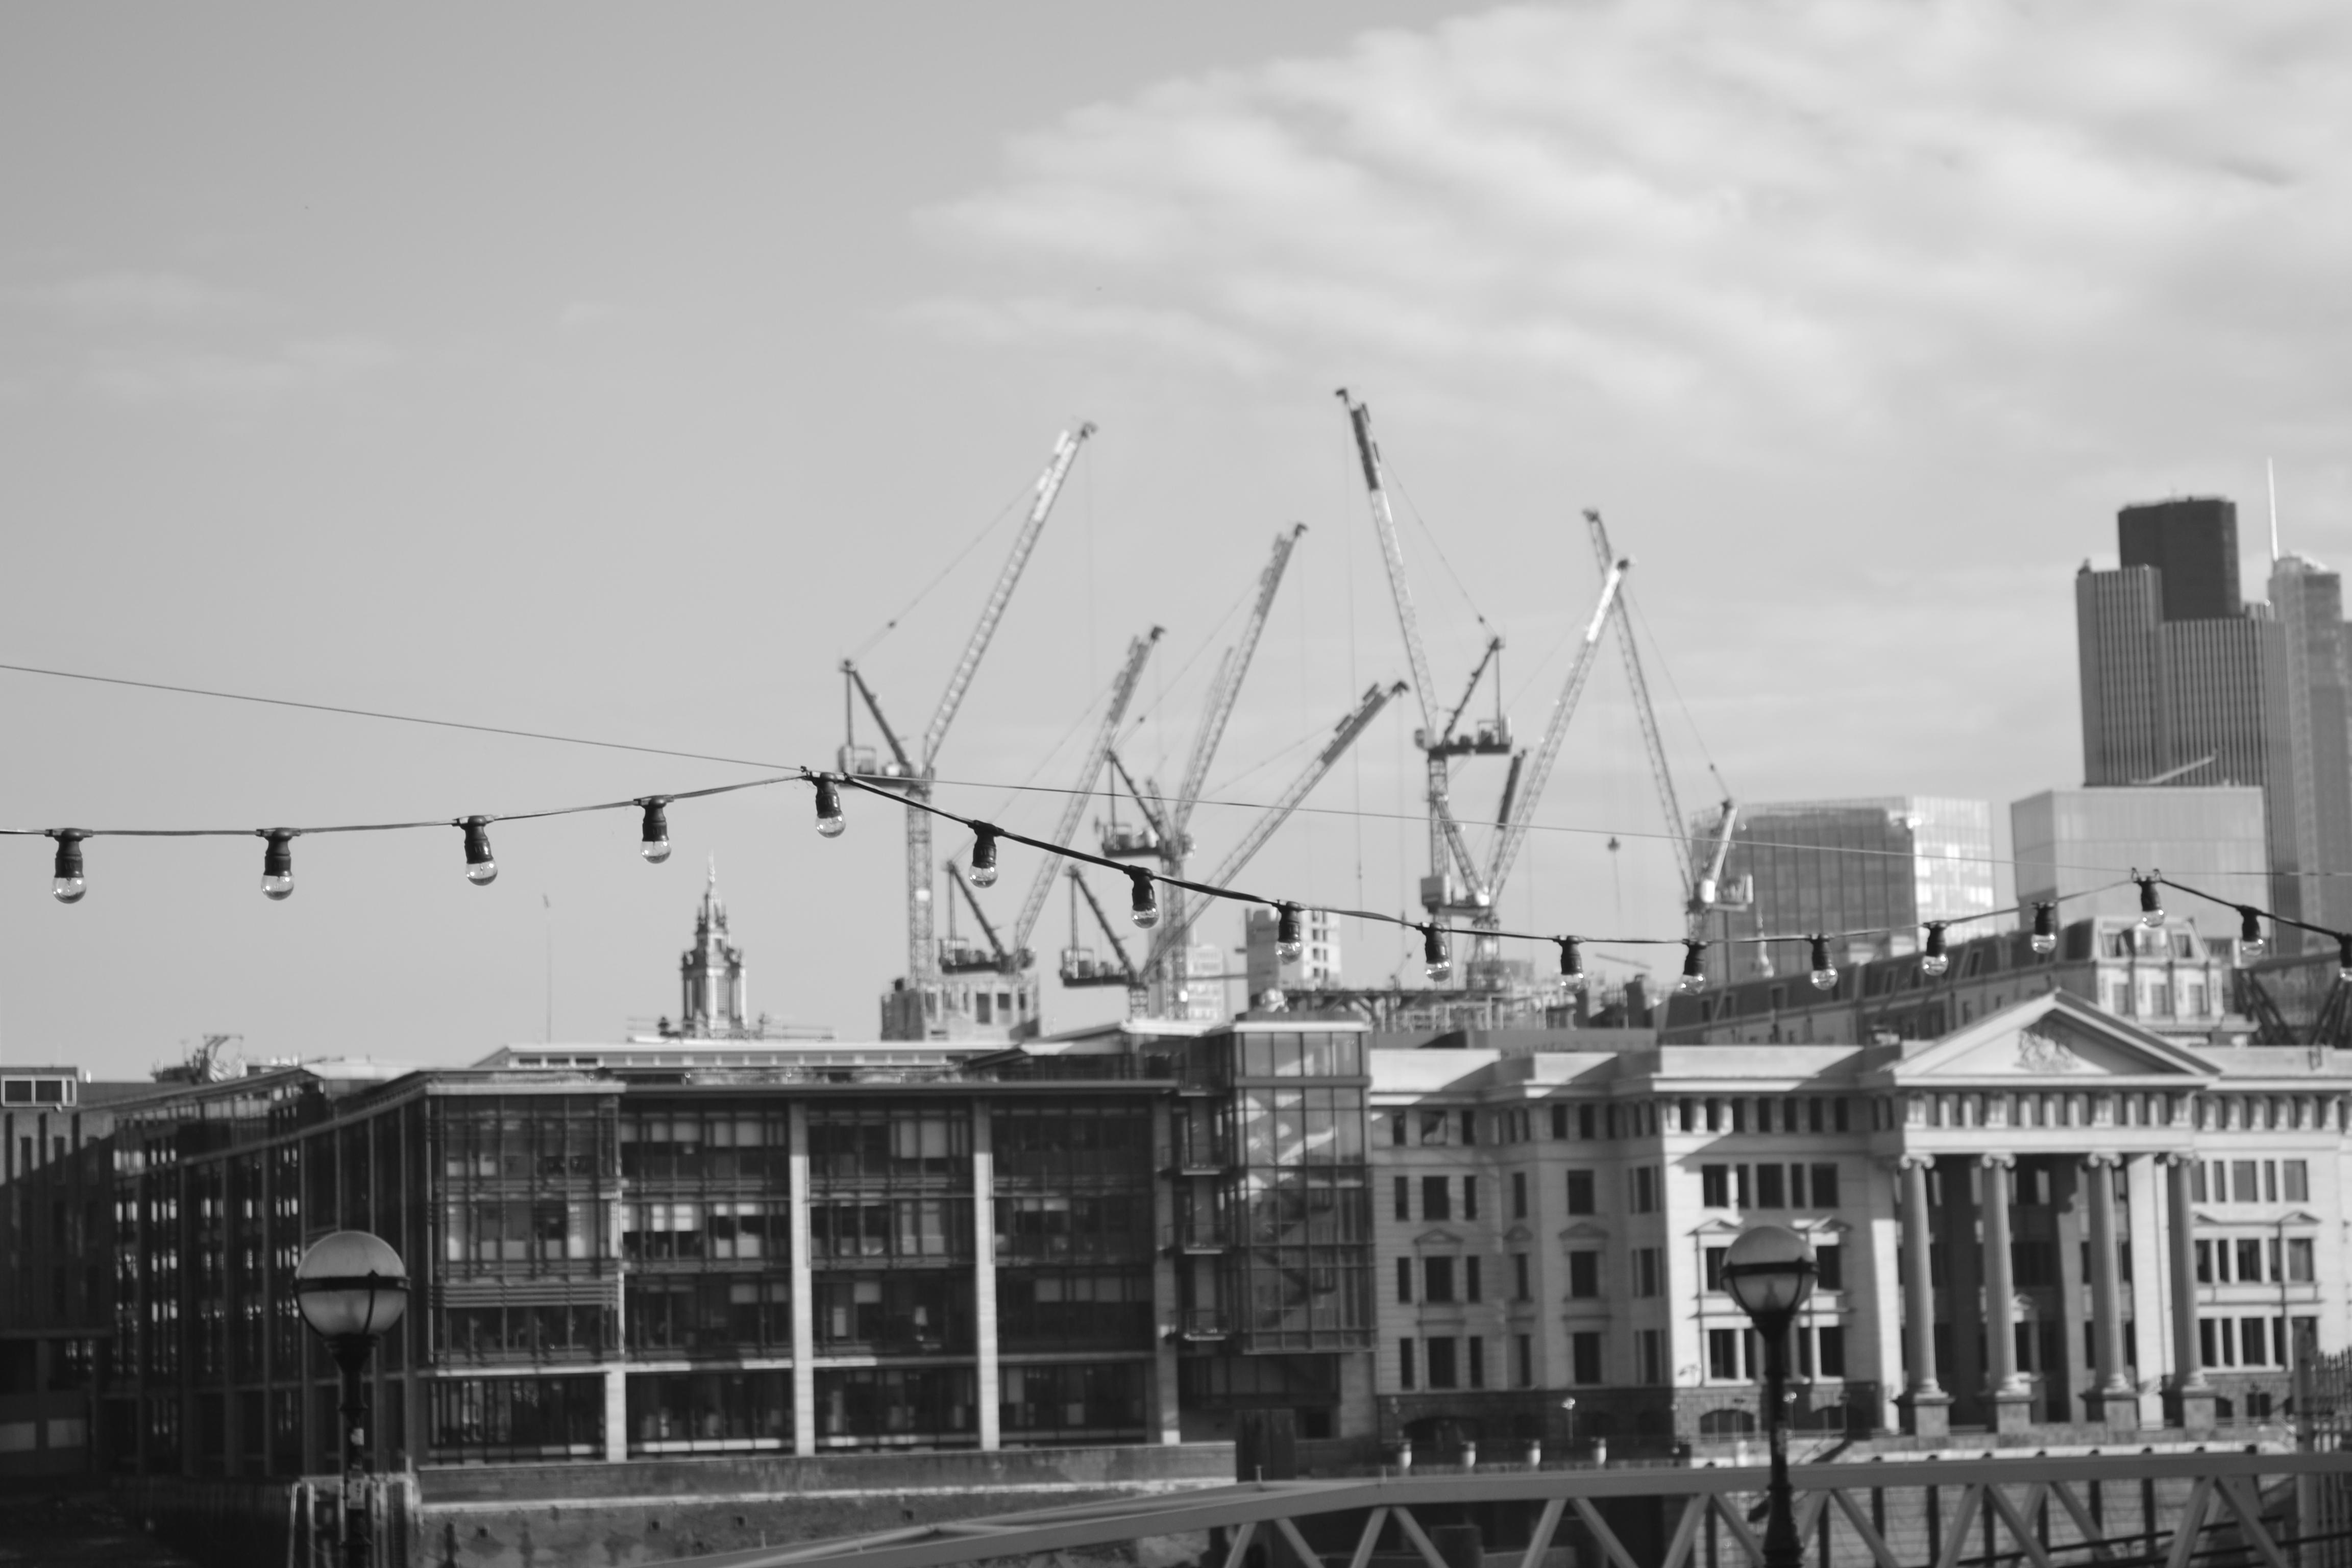 Docks, London